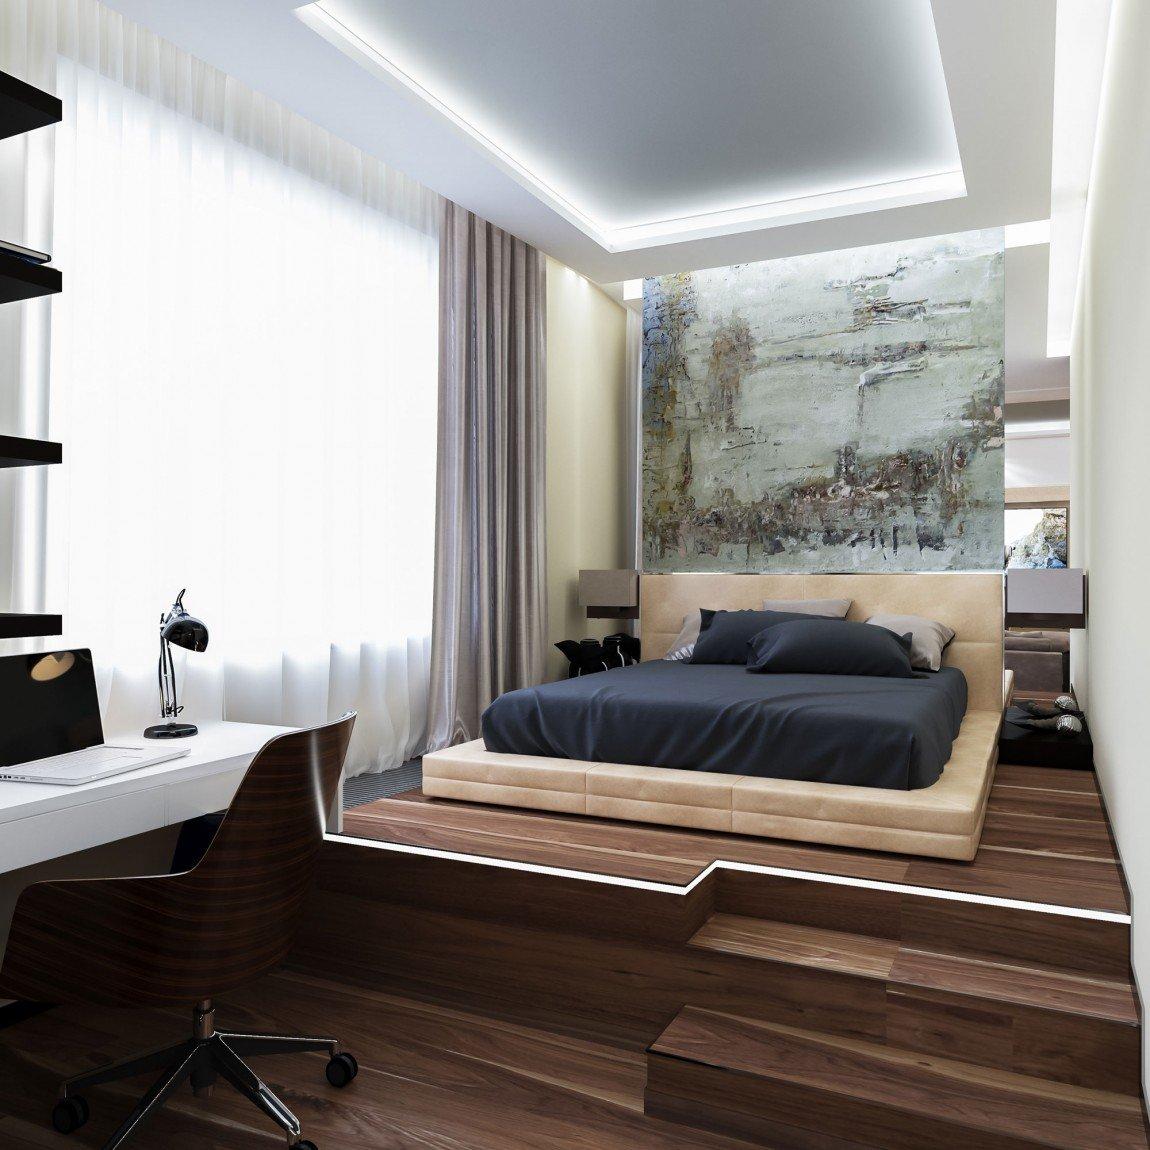 дизайн комнаты для мужчины фото конструкция встраивается стену